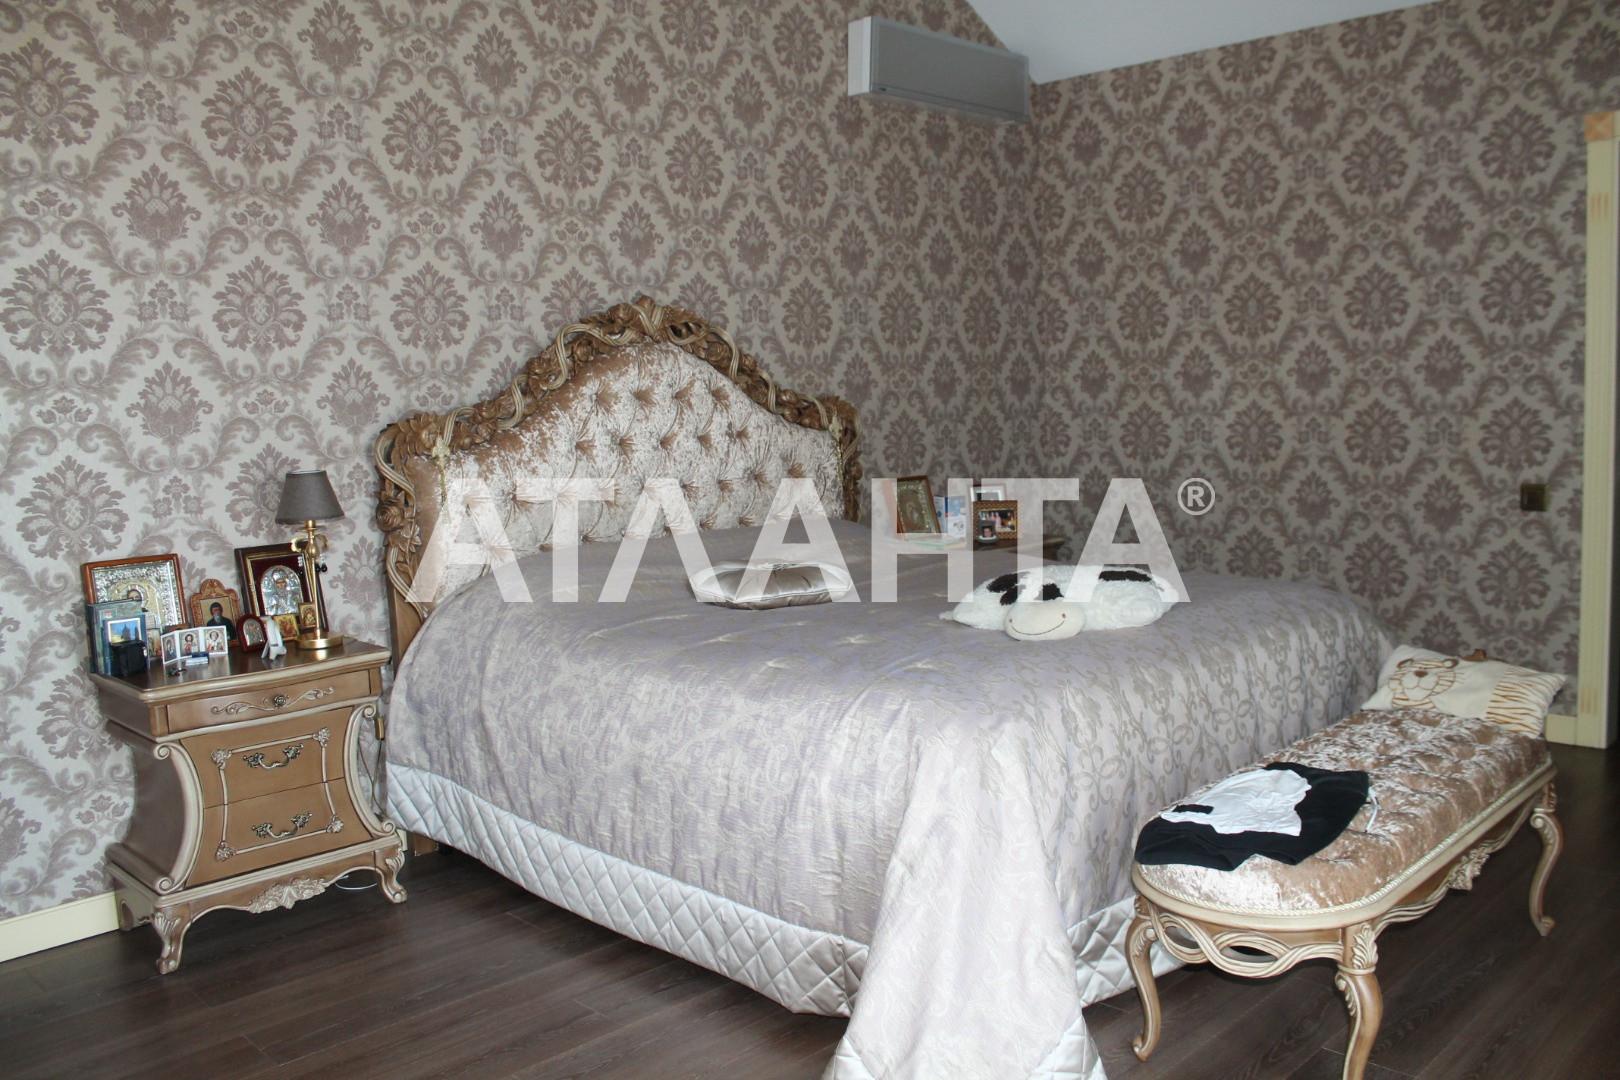 Продается Дом на ул. Хмельницкого Богдана — 270 000 у.е. (фото №5)